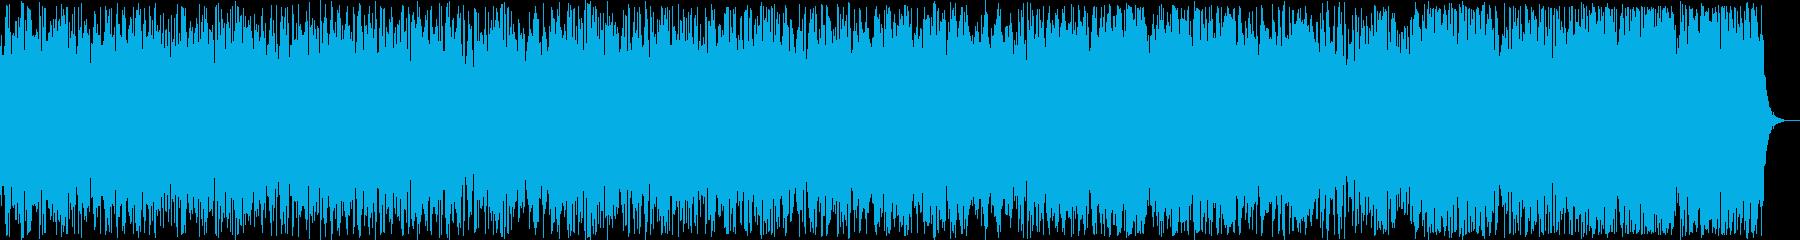 優しい印象のシンセ・ピアノサウンドの再生済みの波形